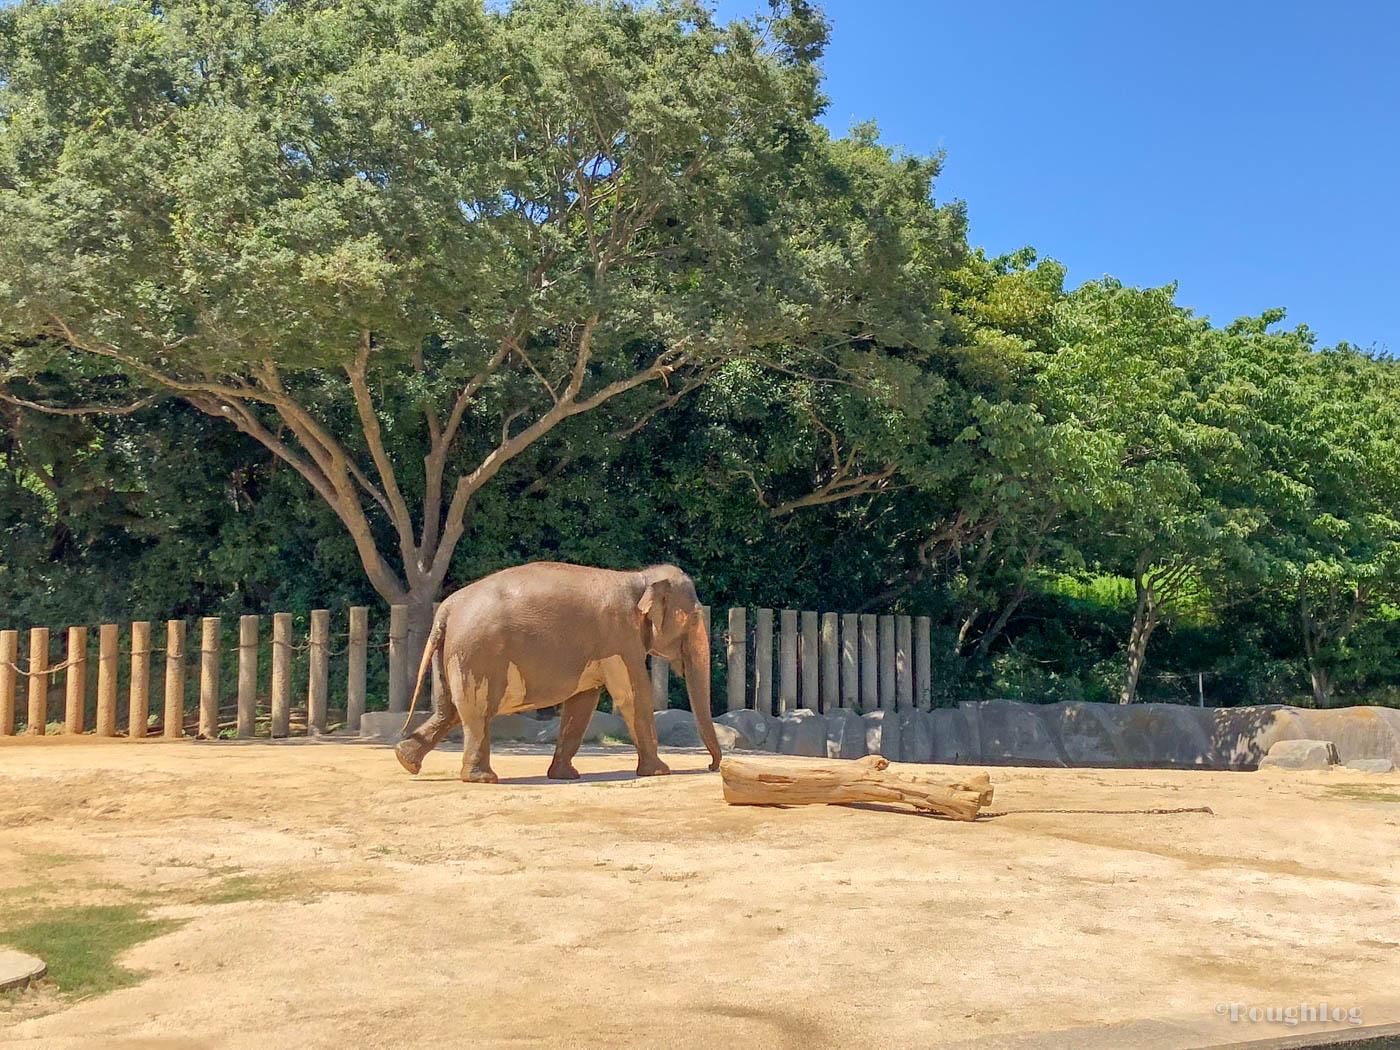 千葉市動物公園の草原ゾーンにいる象